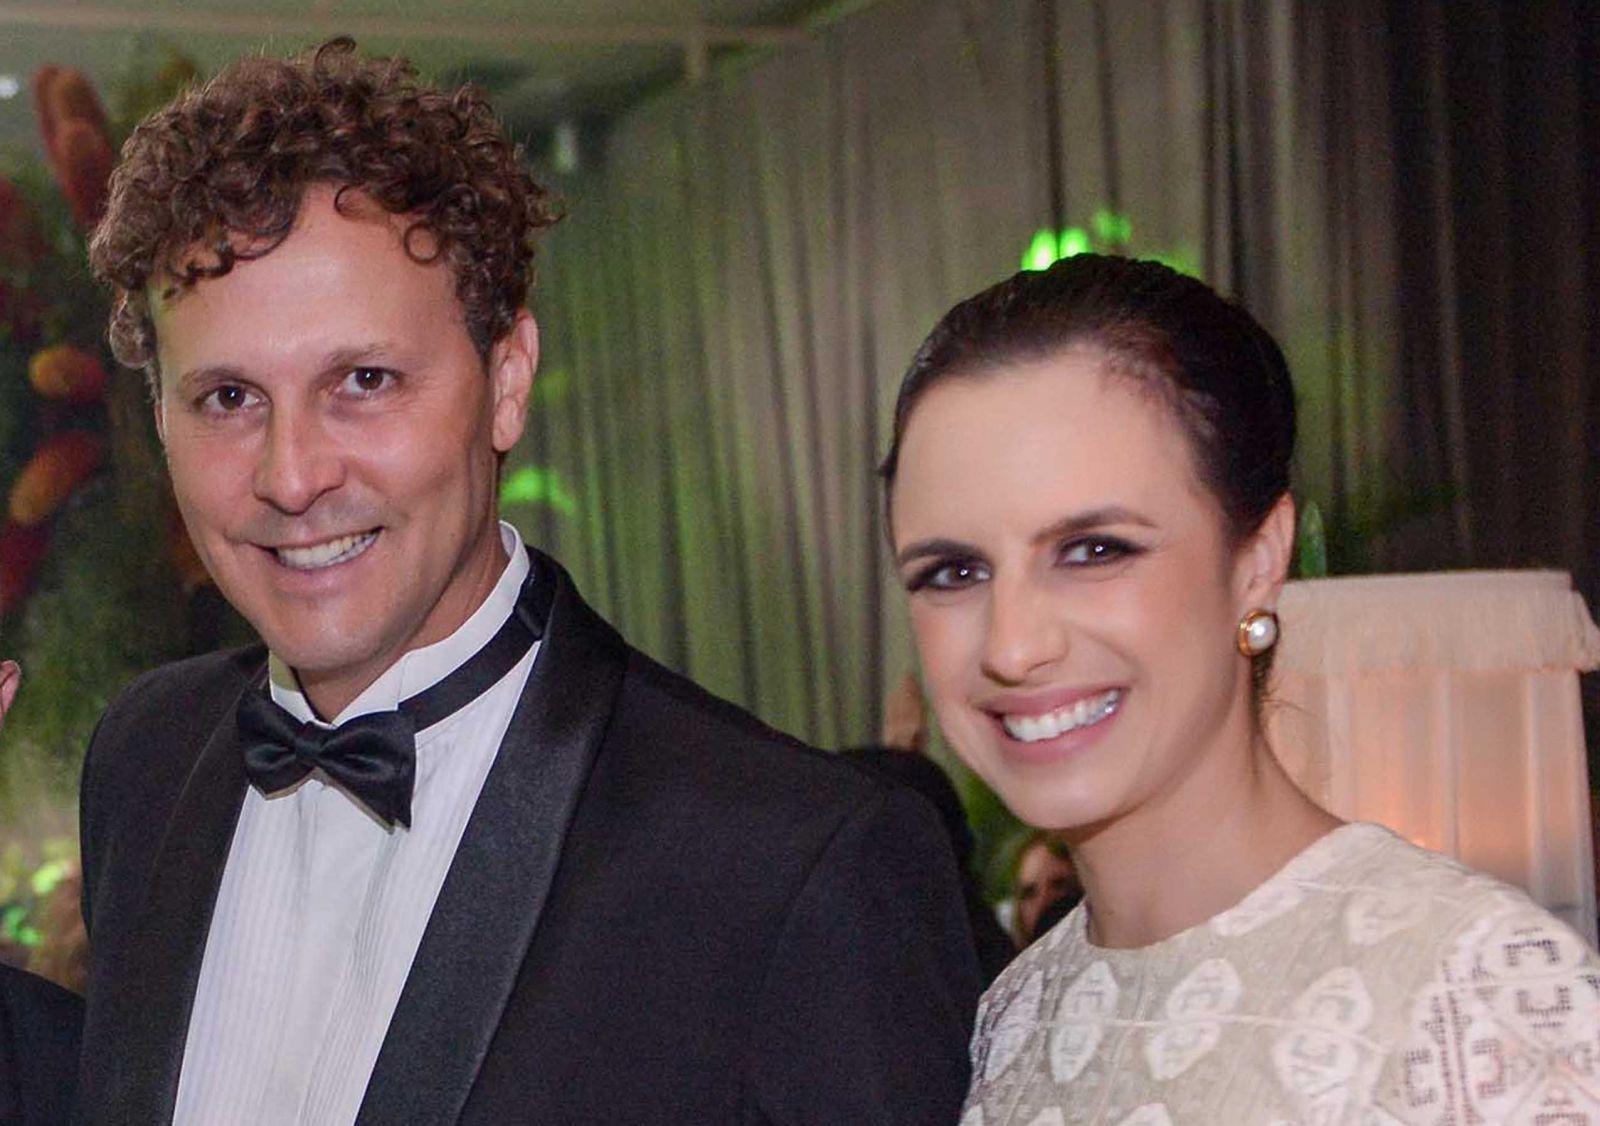 Valtério Pacheco da Silva o editor deste site está fazendo 73 anos hoje 24 de abril. Clique pra ver mais...